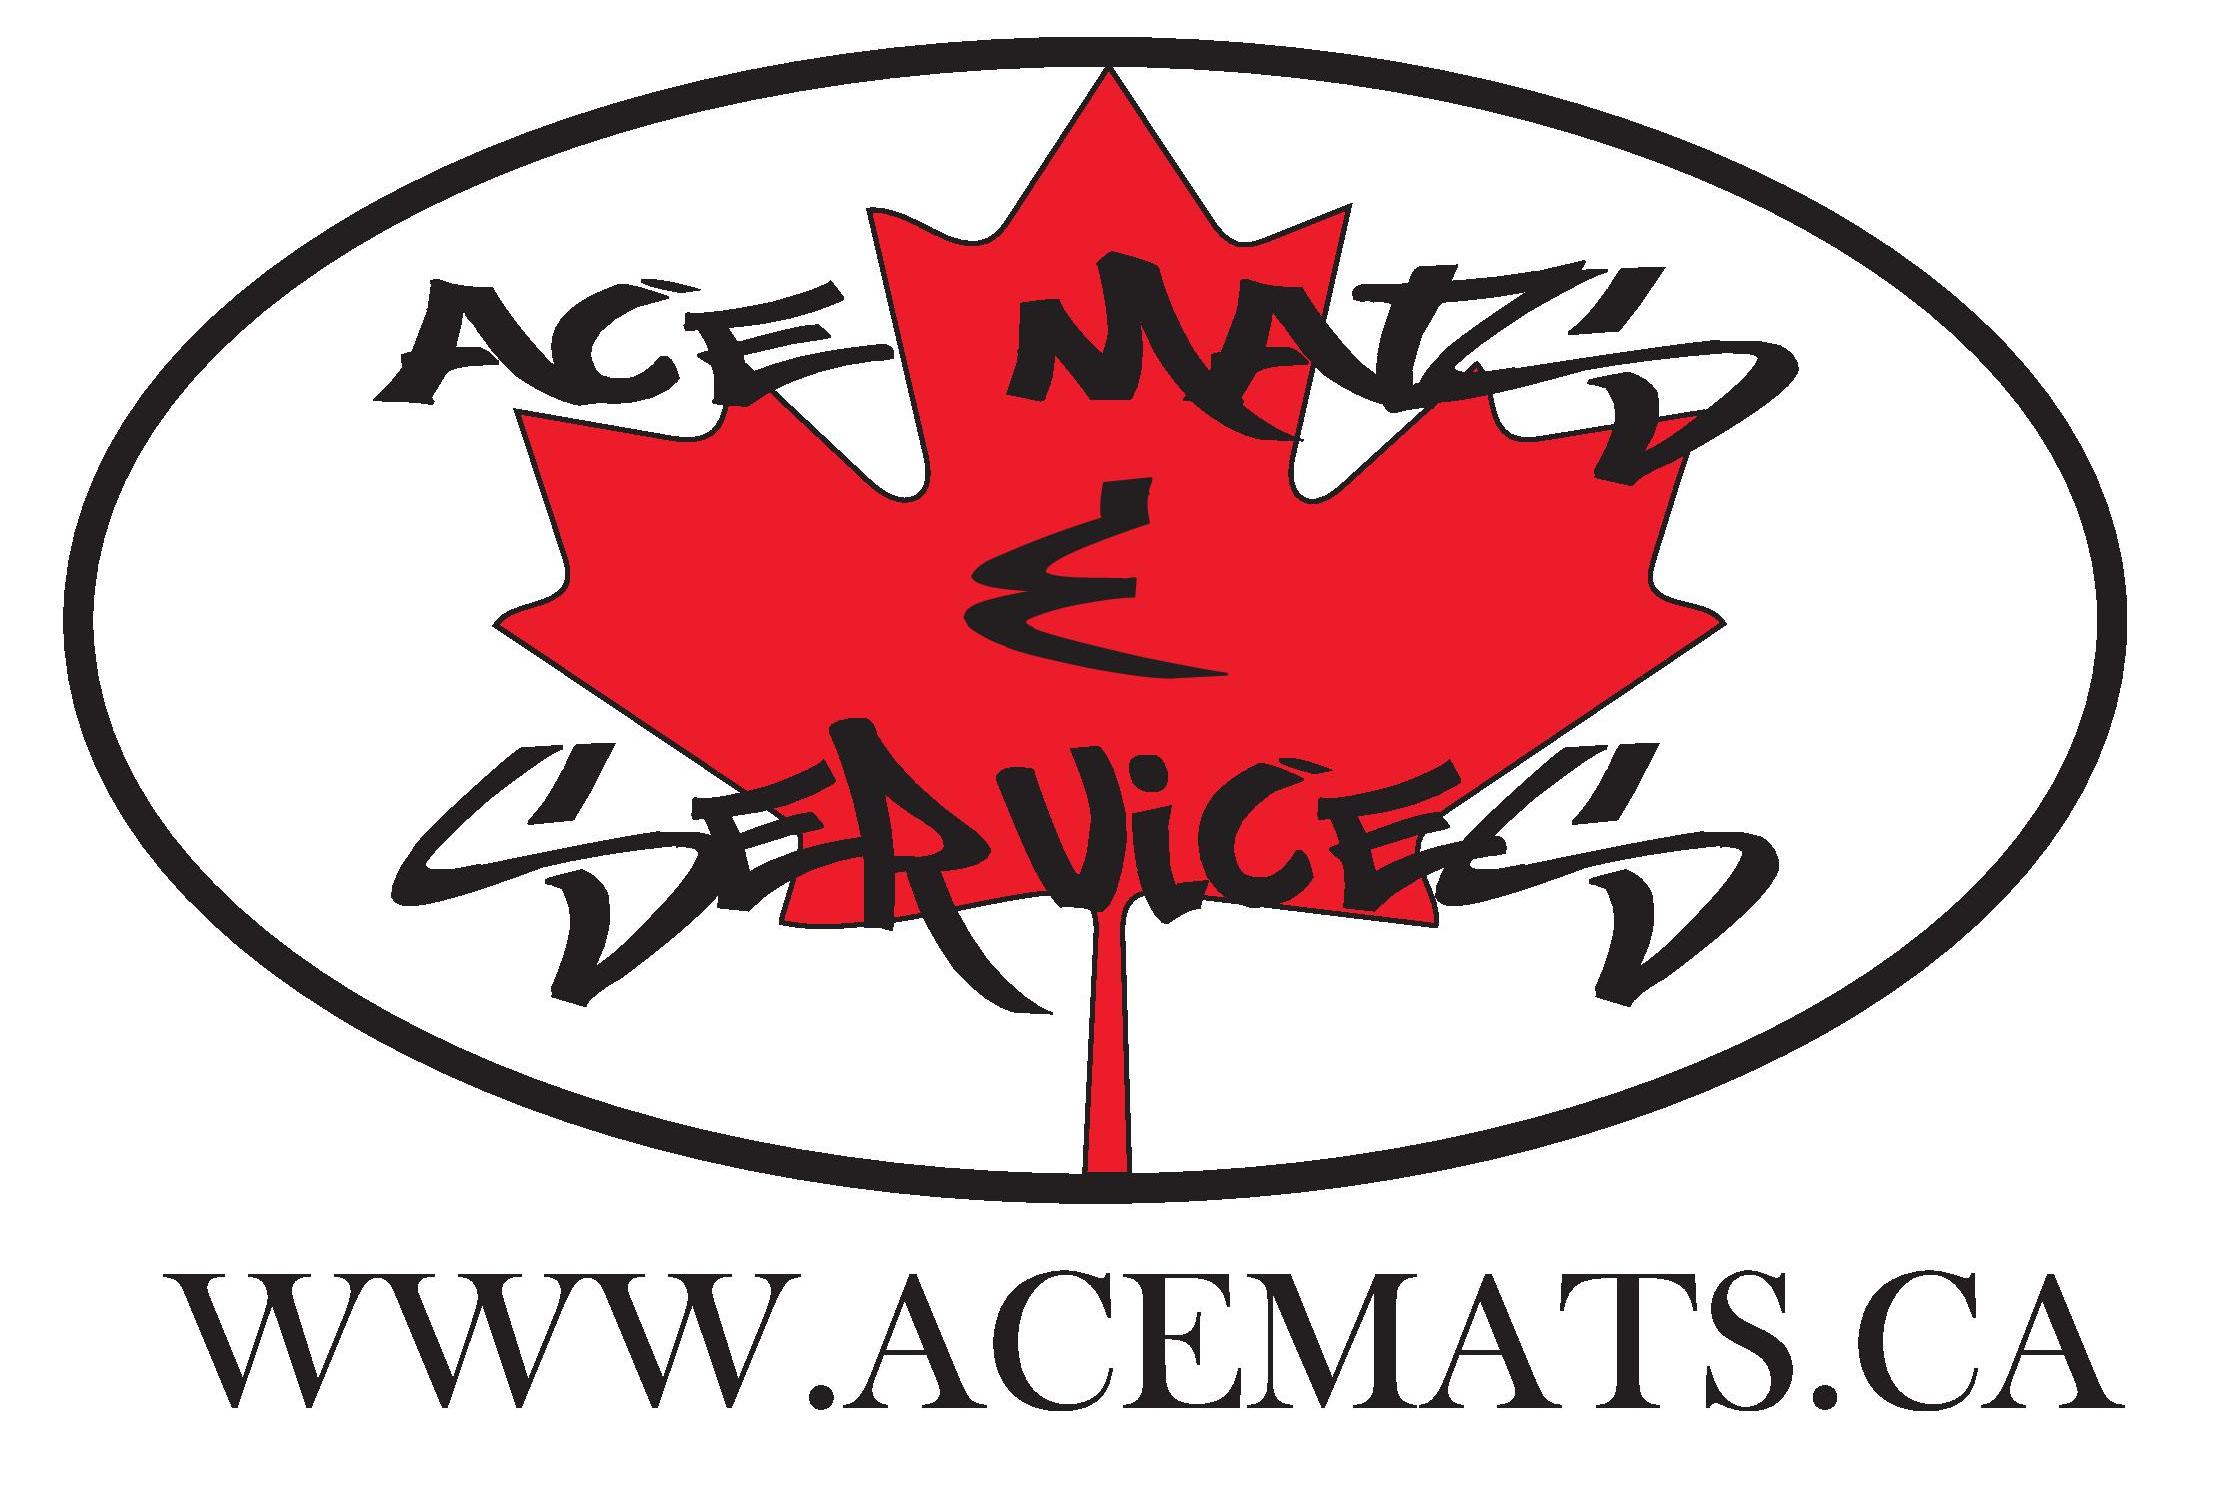 Ace Mat Services